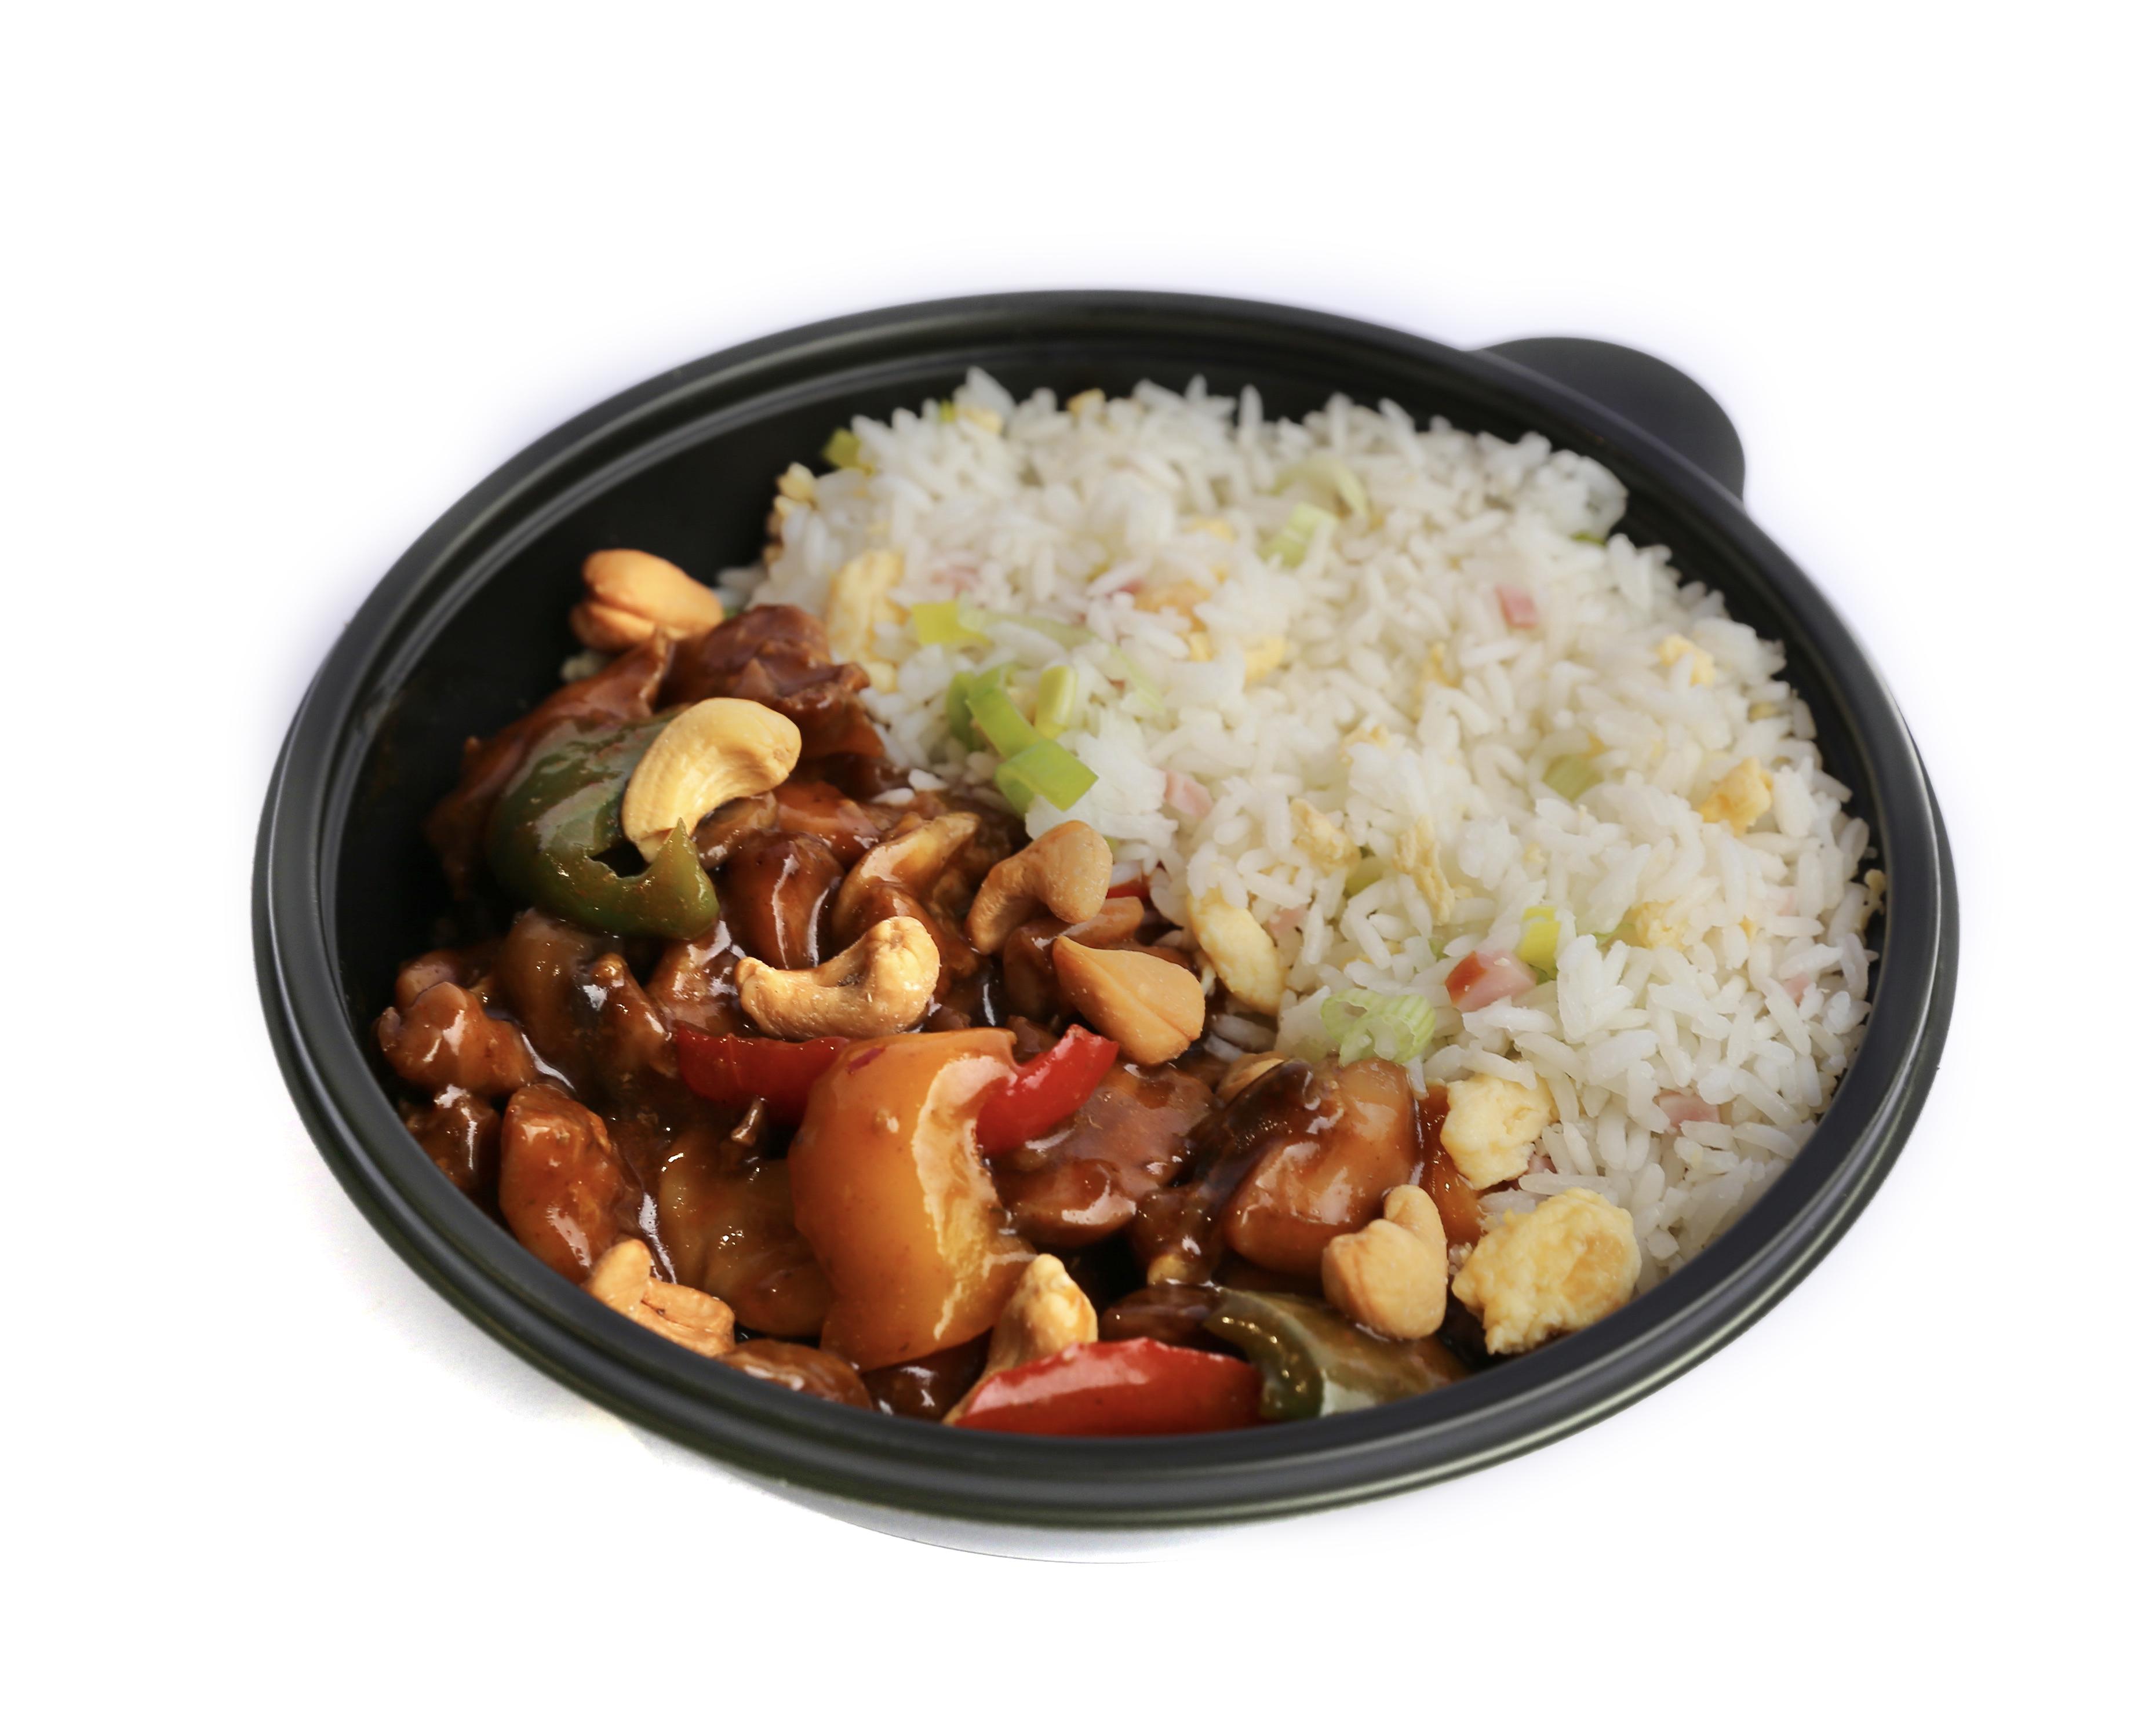 Maaltijd kip met groenten, cashewnoten en nasi